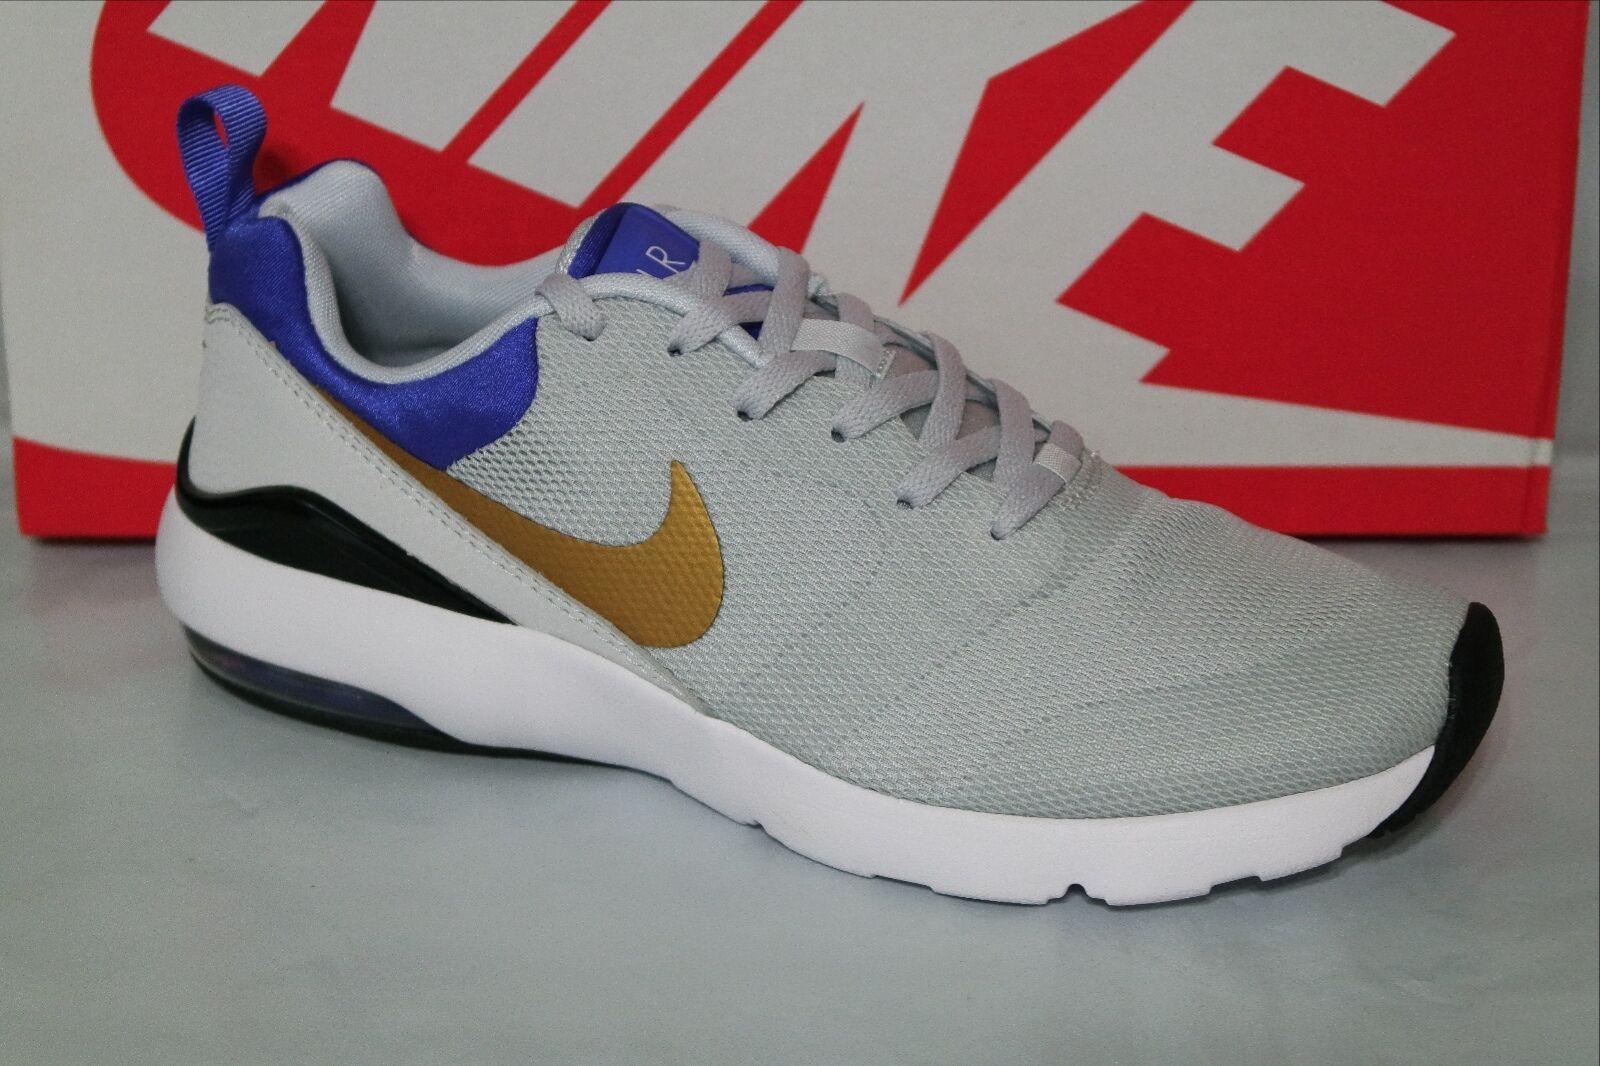 la la la chaussure nike air max sirène femmes, platine   de l or métallique    violet, 749510 0 1 969497 bd20da4aada0